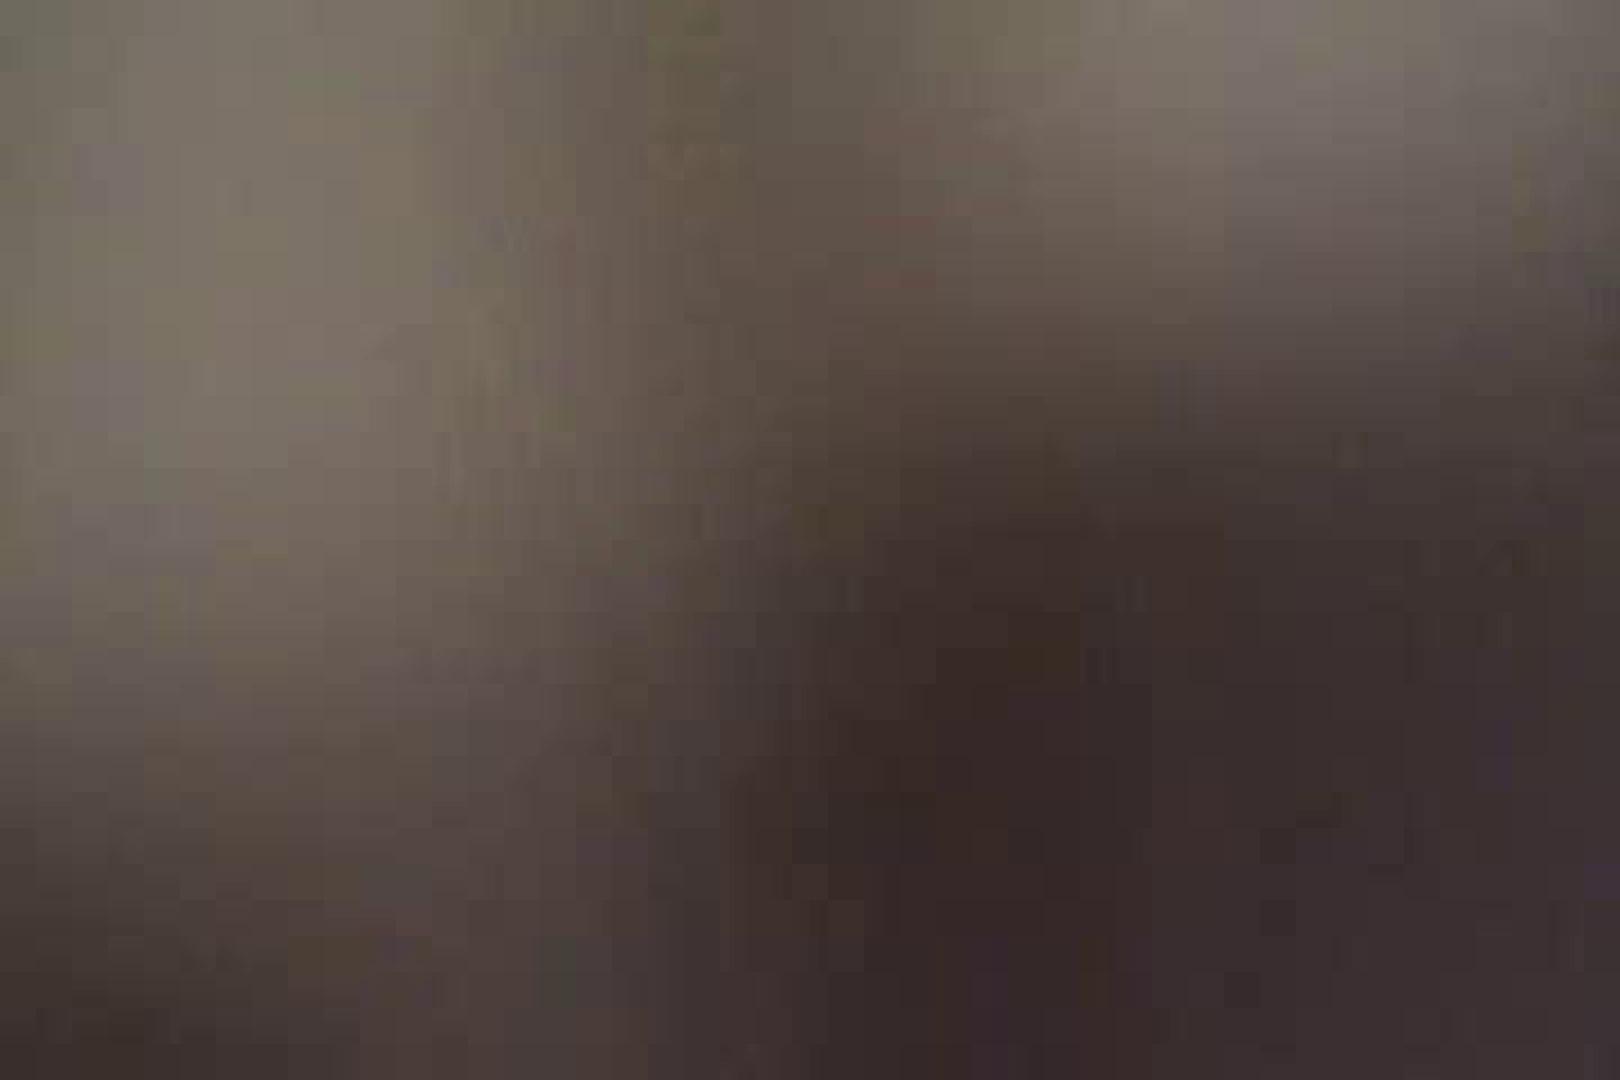 ガチ投稿!素人さんのセンズリ&射精vol4 オナニー アダルトビデオ画像キャプチャ 68枚 59